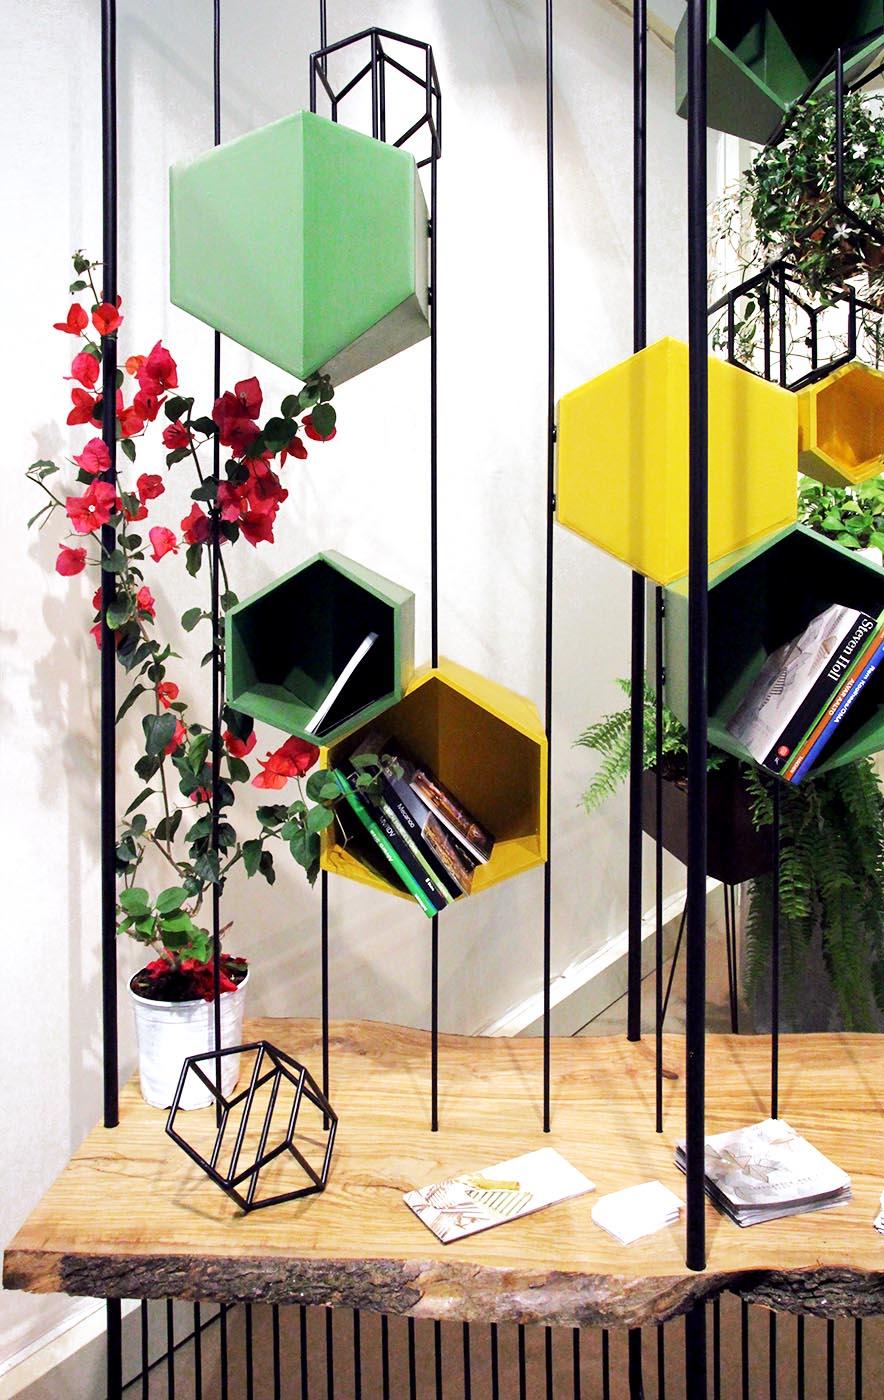 Das Bücherregal Dharma ist gleichzeitig Bücherregal und vertikaler Garten